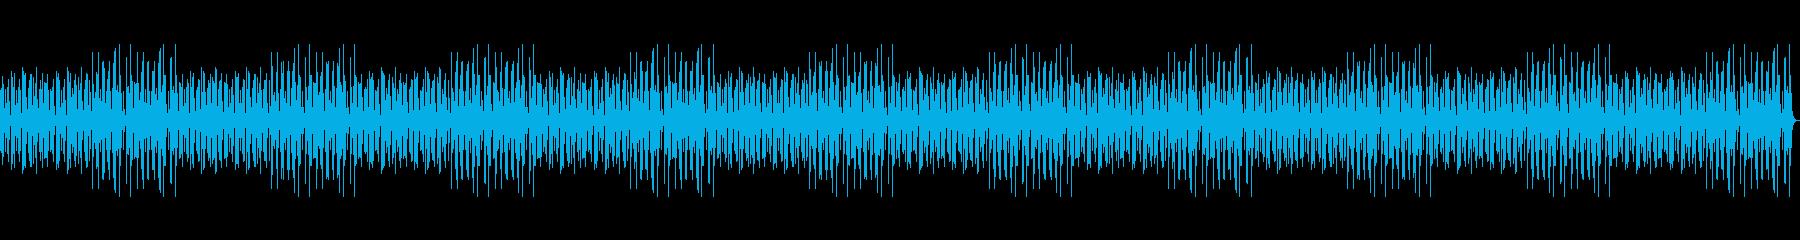 Vtuberの配信 雑談向けBGM 12の再生済みの波形